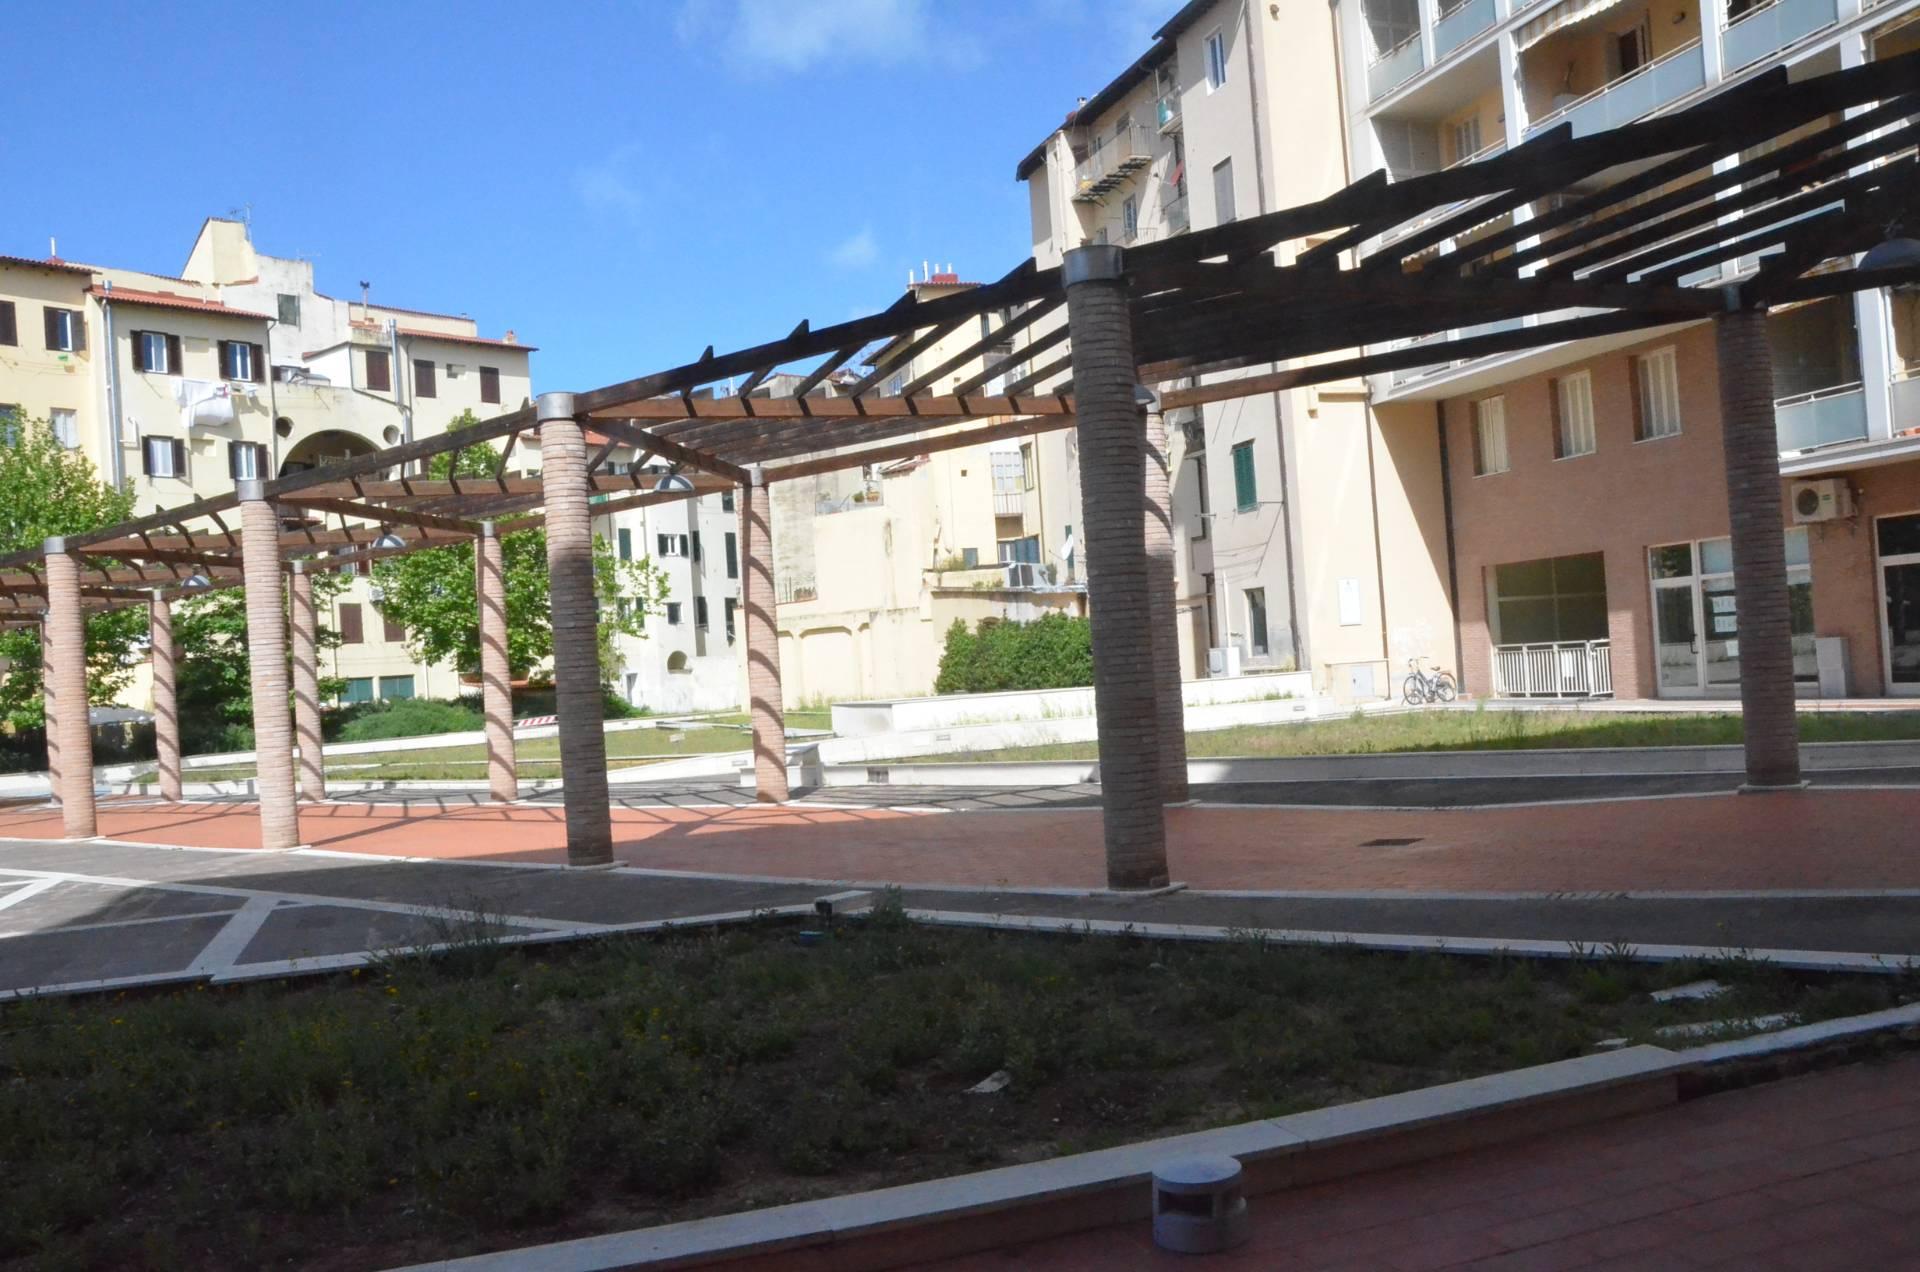 Ufficio / Studio in affitto a Livorno, 9999 locali, zona Zona: Centro, prezzo € 850 | Cambio Casa.it